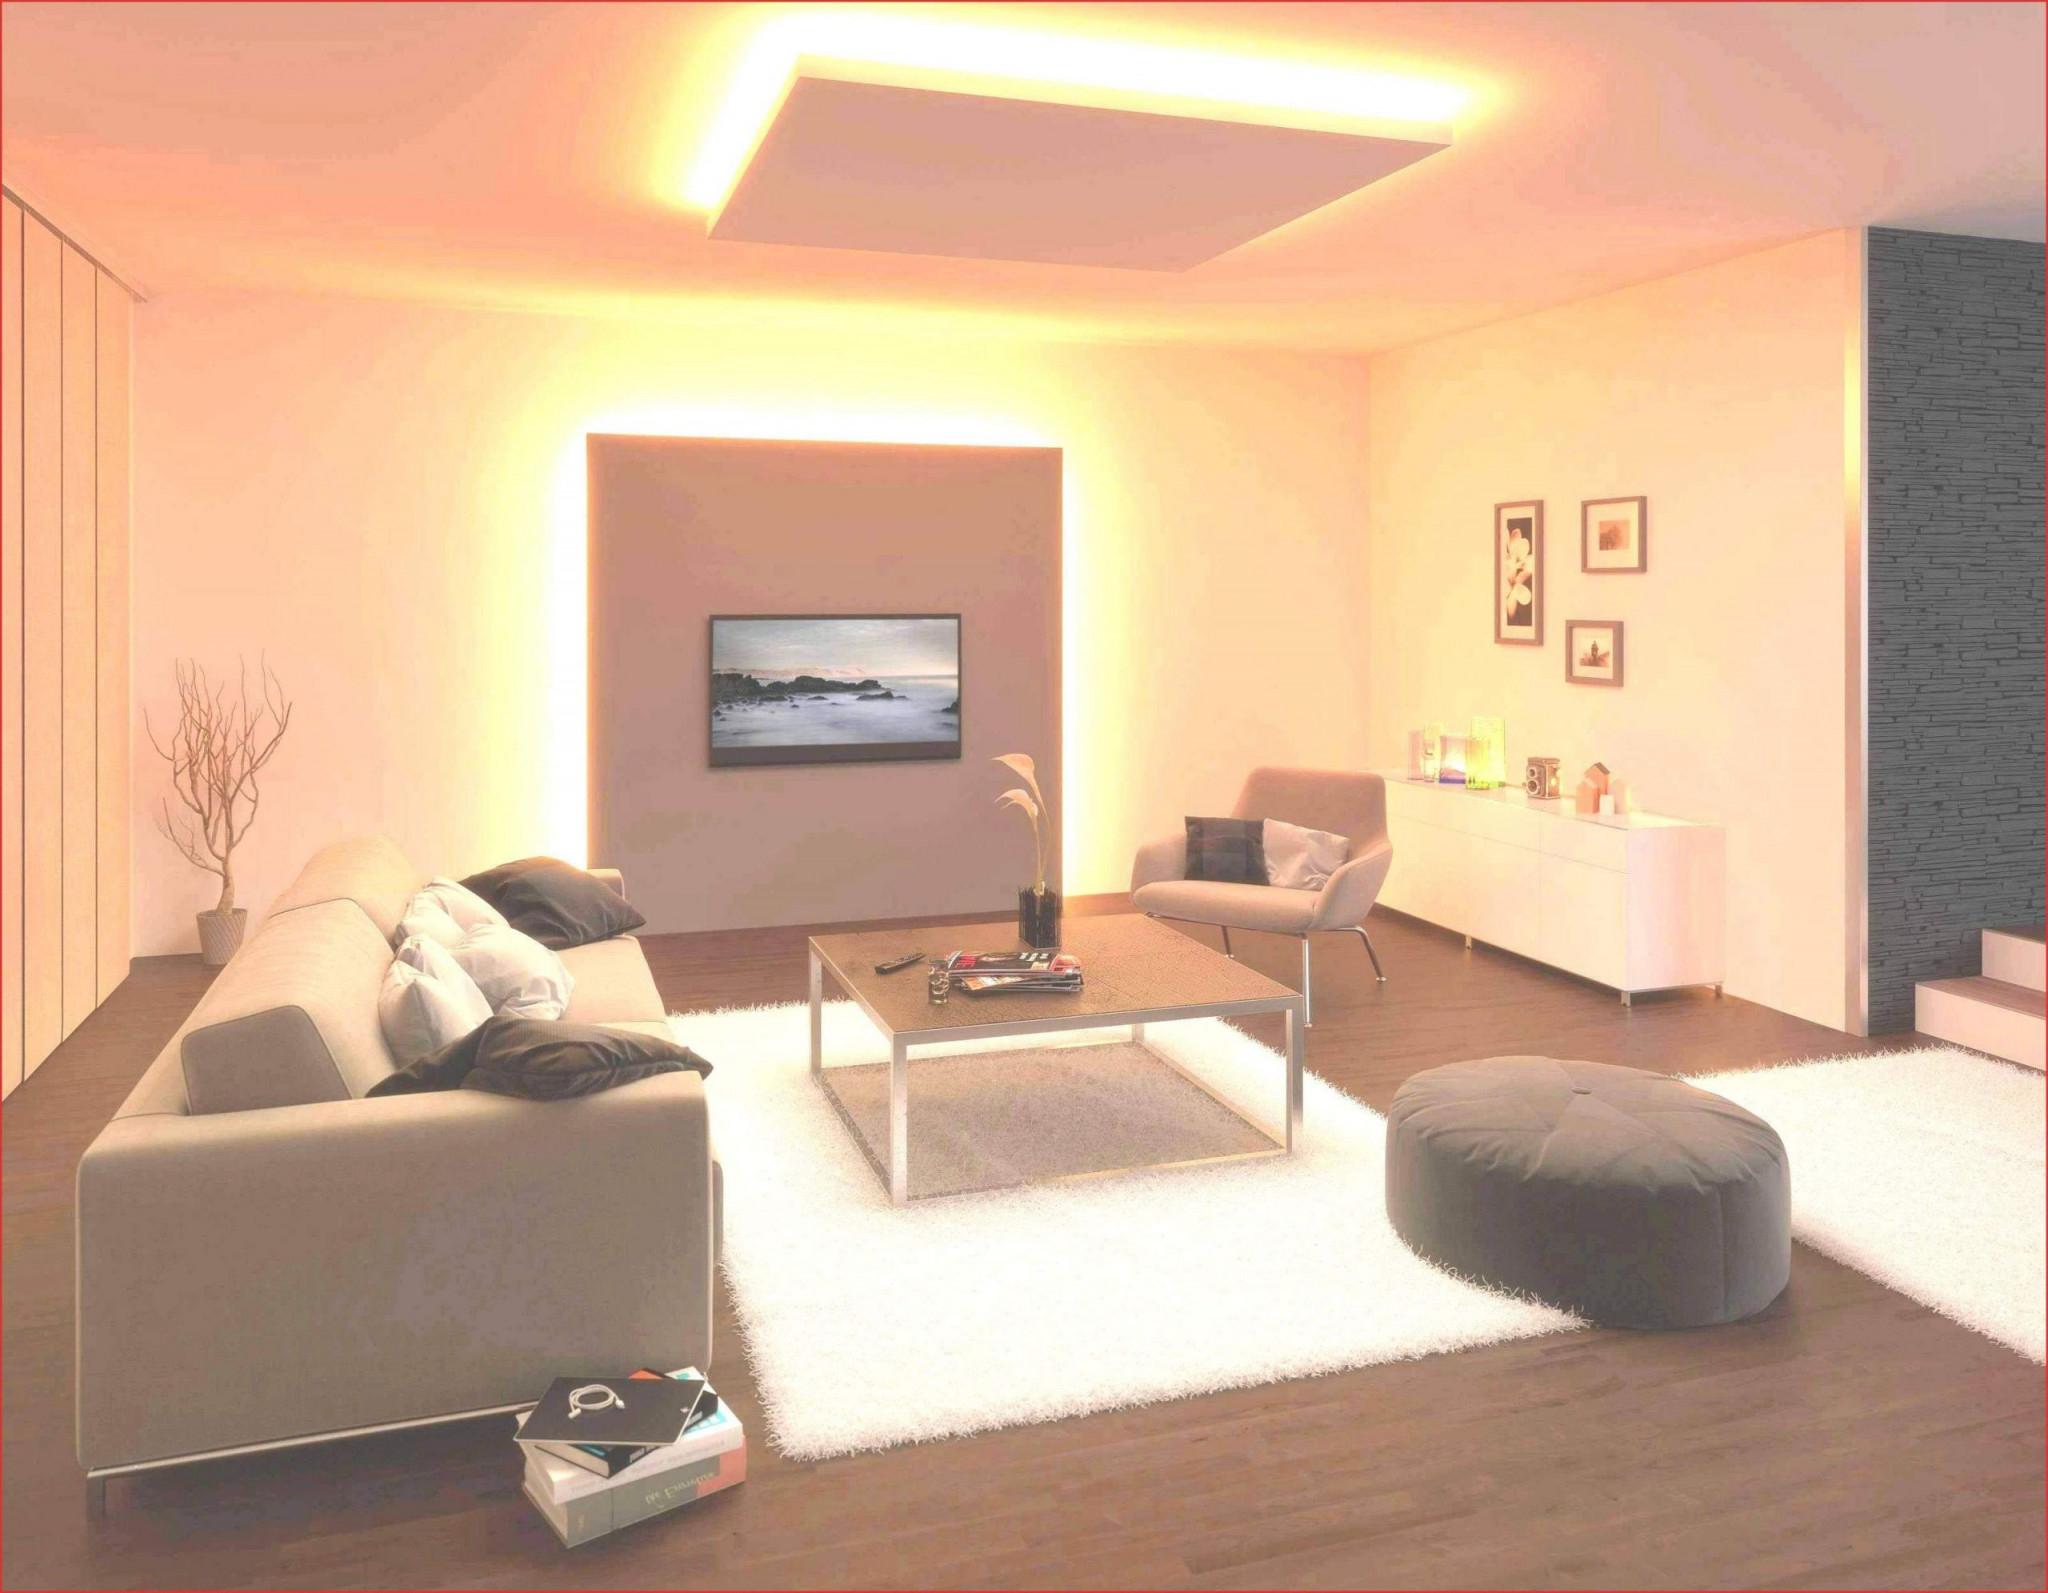 Deckenleuchten Wohnzimmer Luxus Wohnzimmer Beleuchtung von Deckenleuchte Für Großes Wohnzimmer Bild